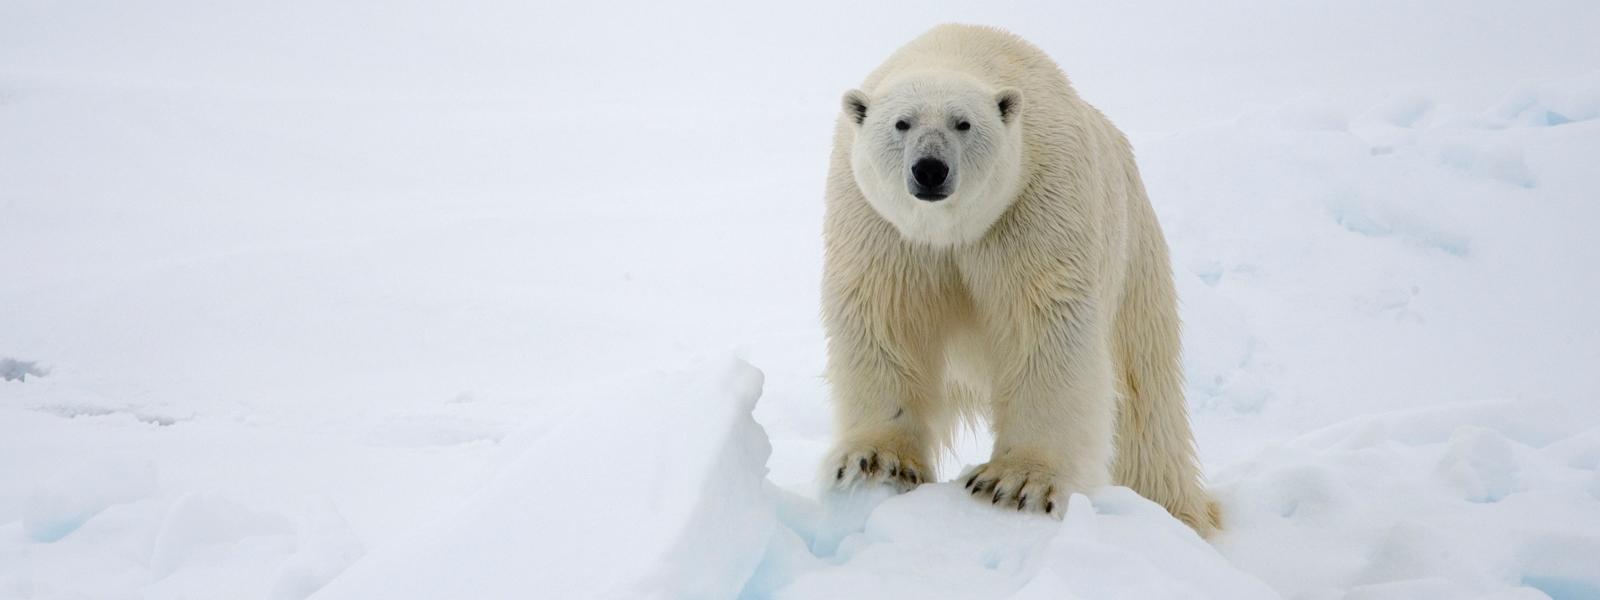 Polar Bear Species WWF